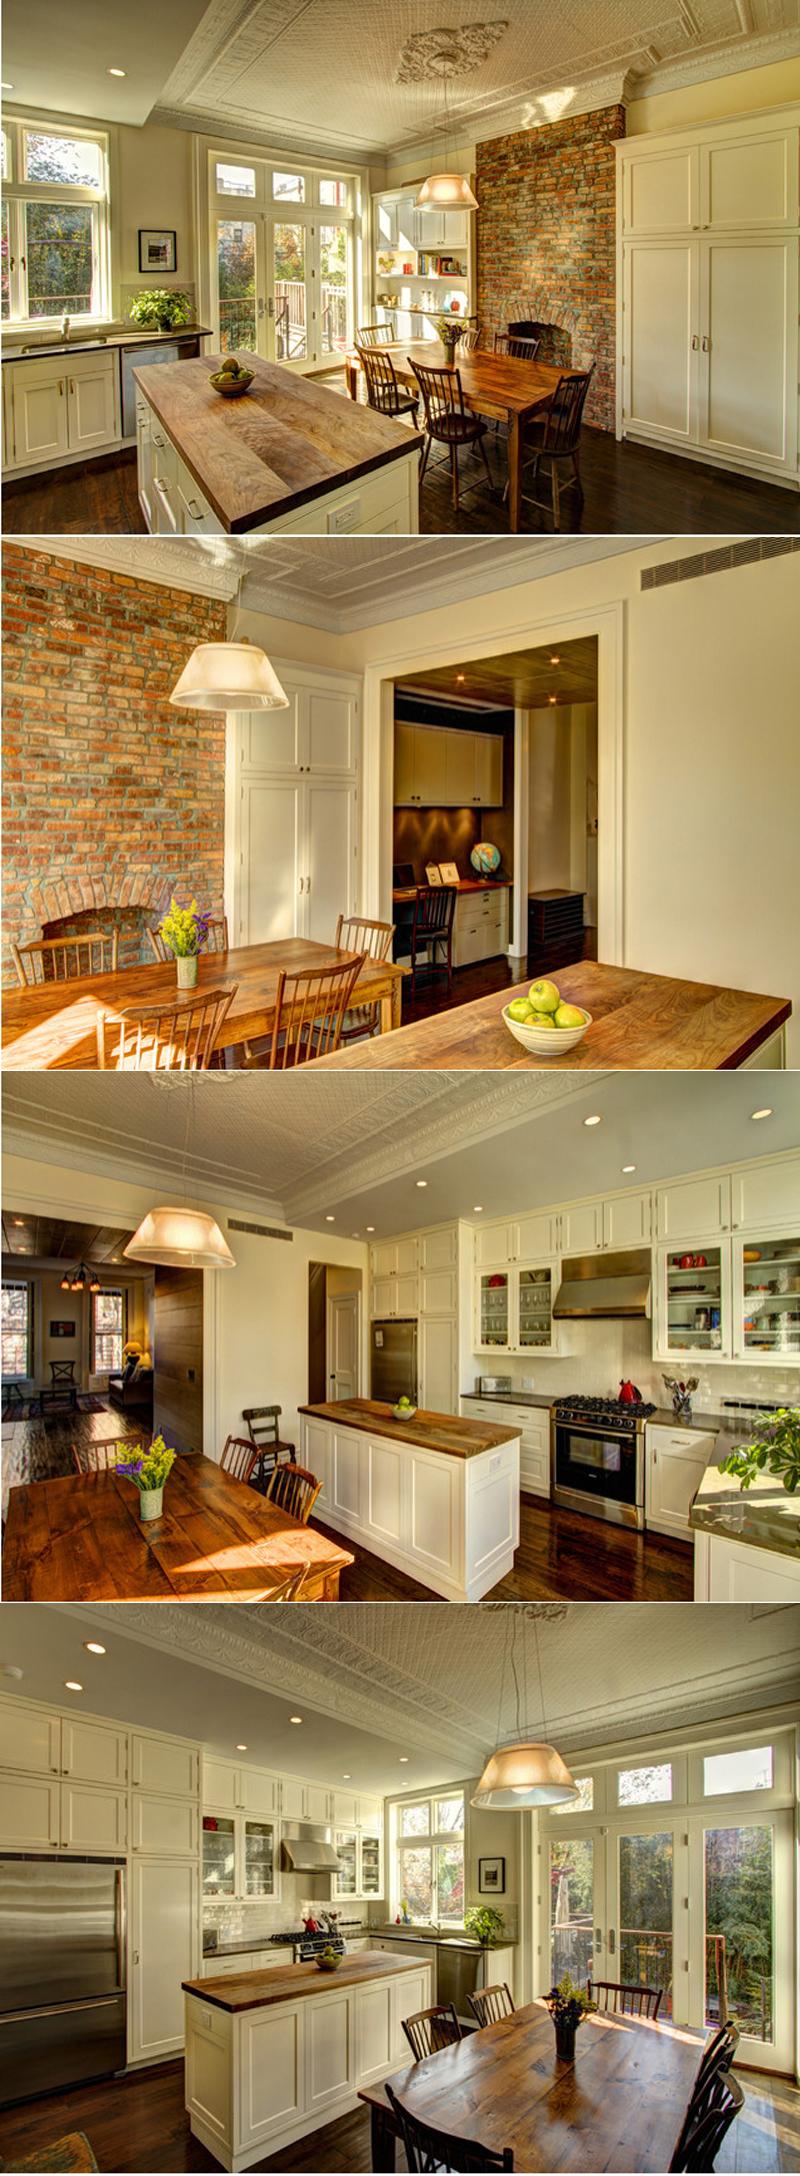 traditional farmhouse kitchens